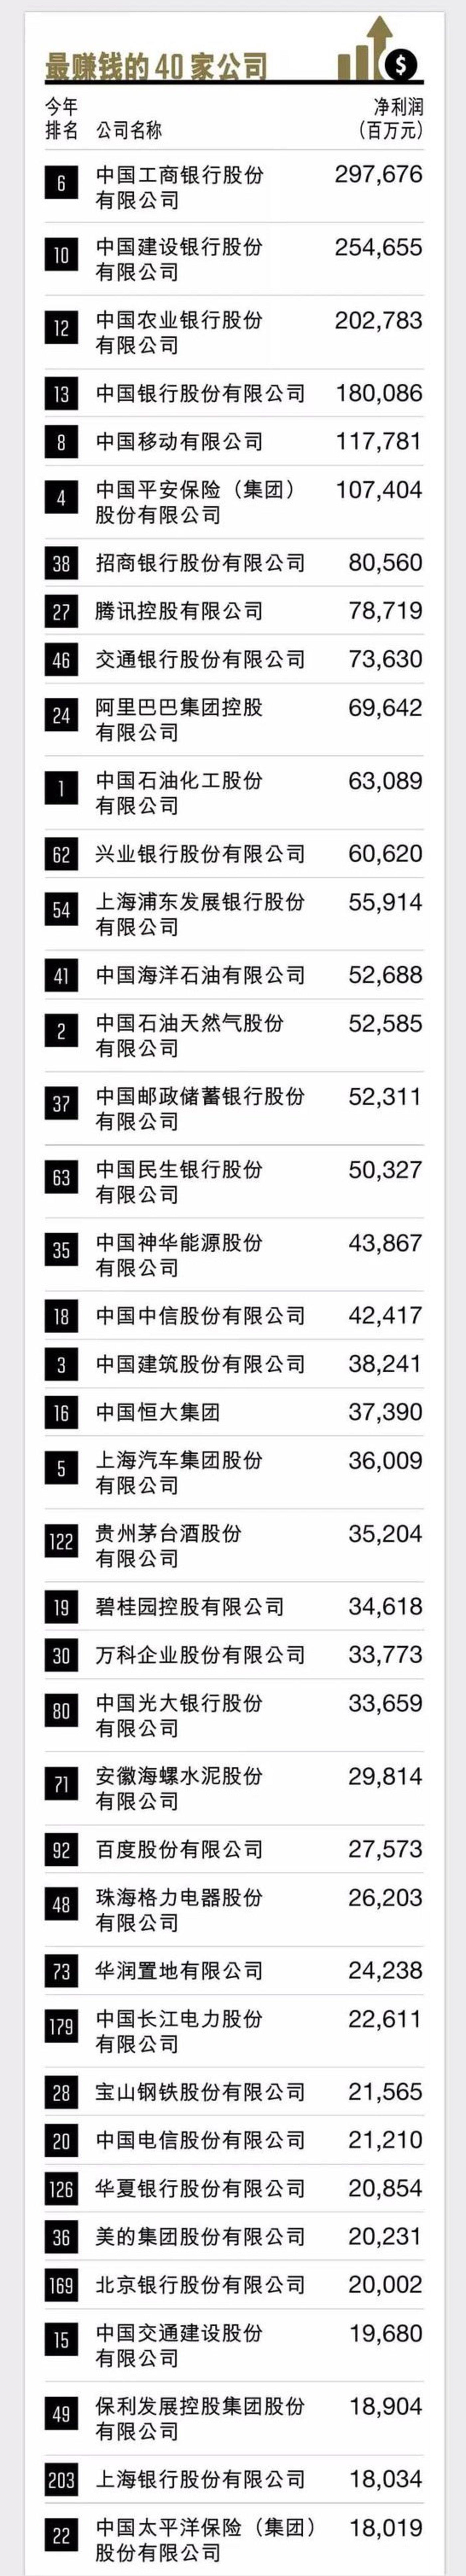 《财富》中国500强排行榜公布,美团、爱奇艺、中兴位列亏损前三 | 钛快讯